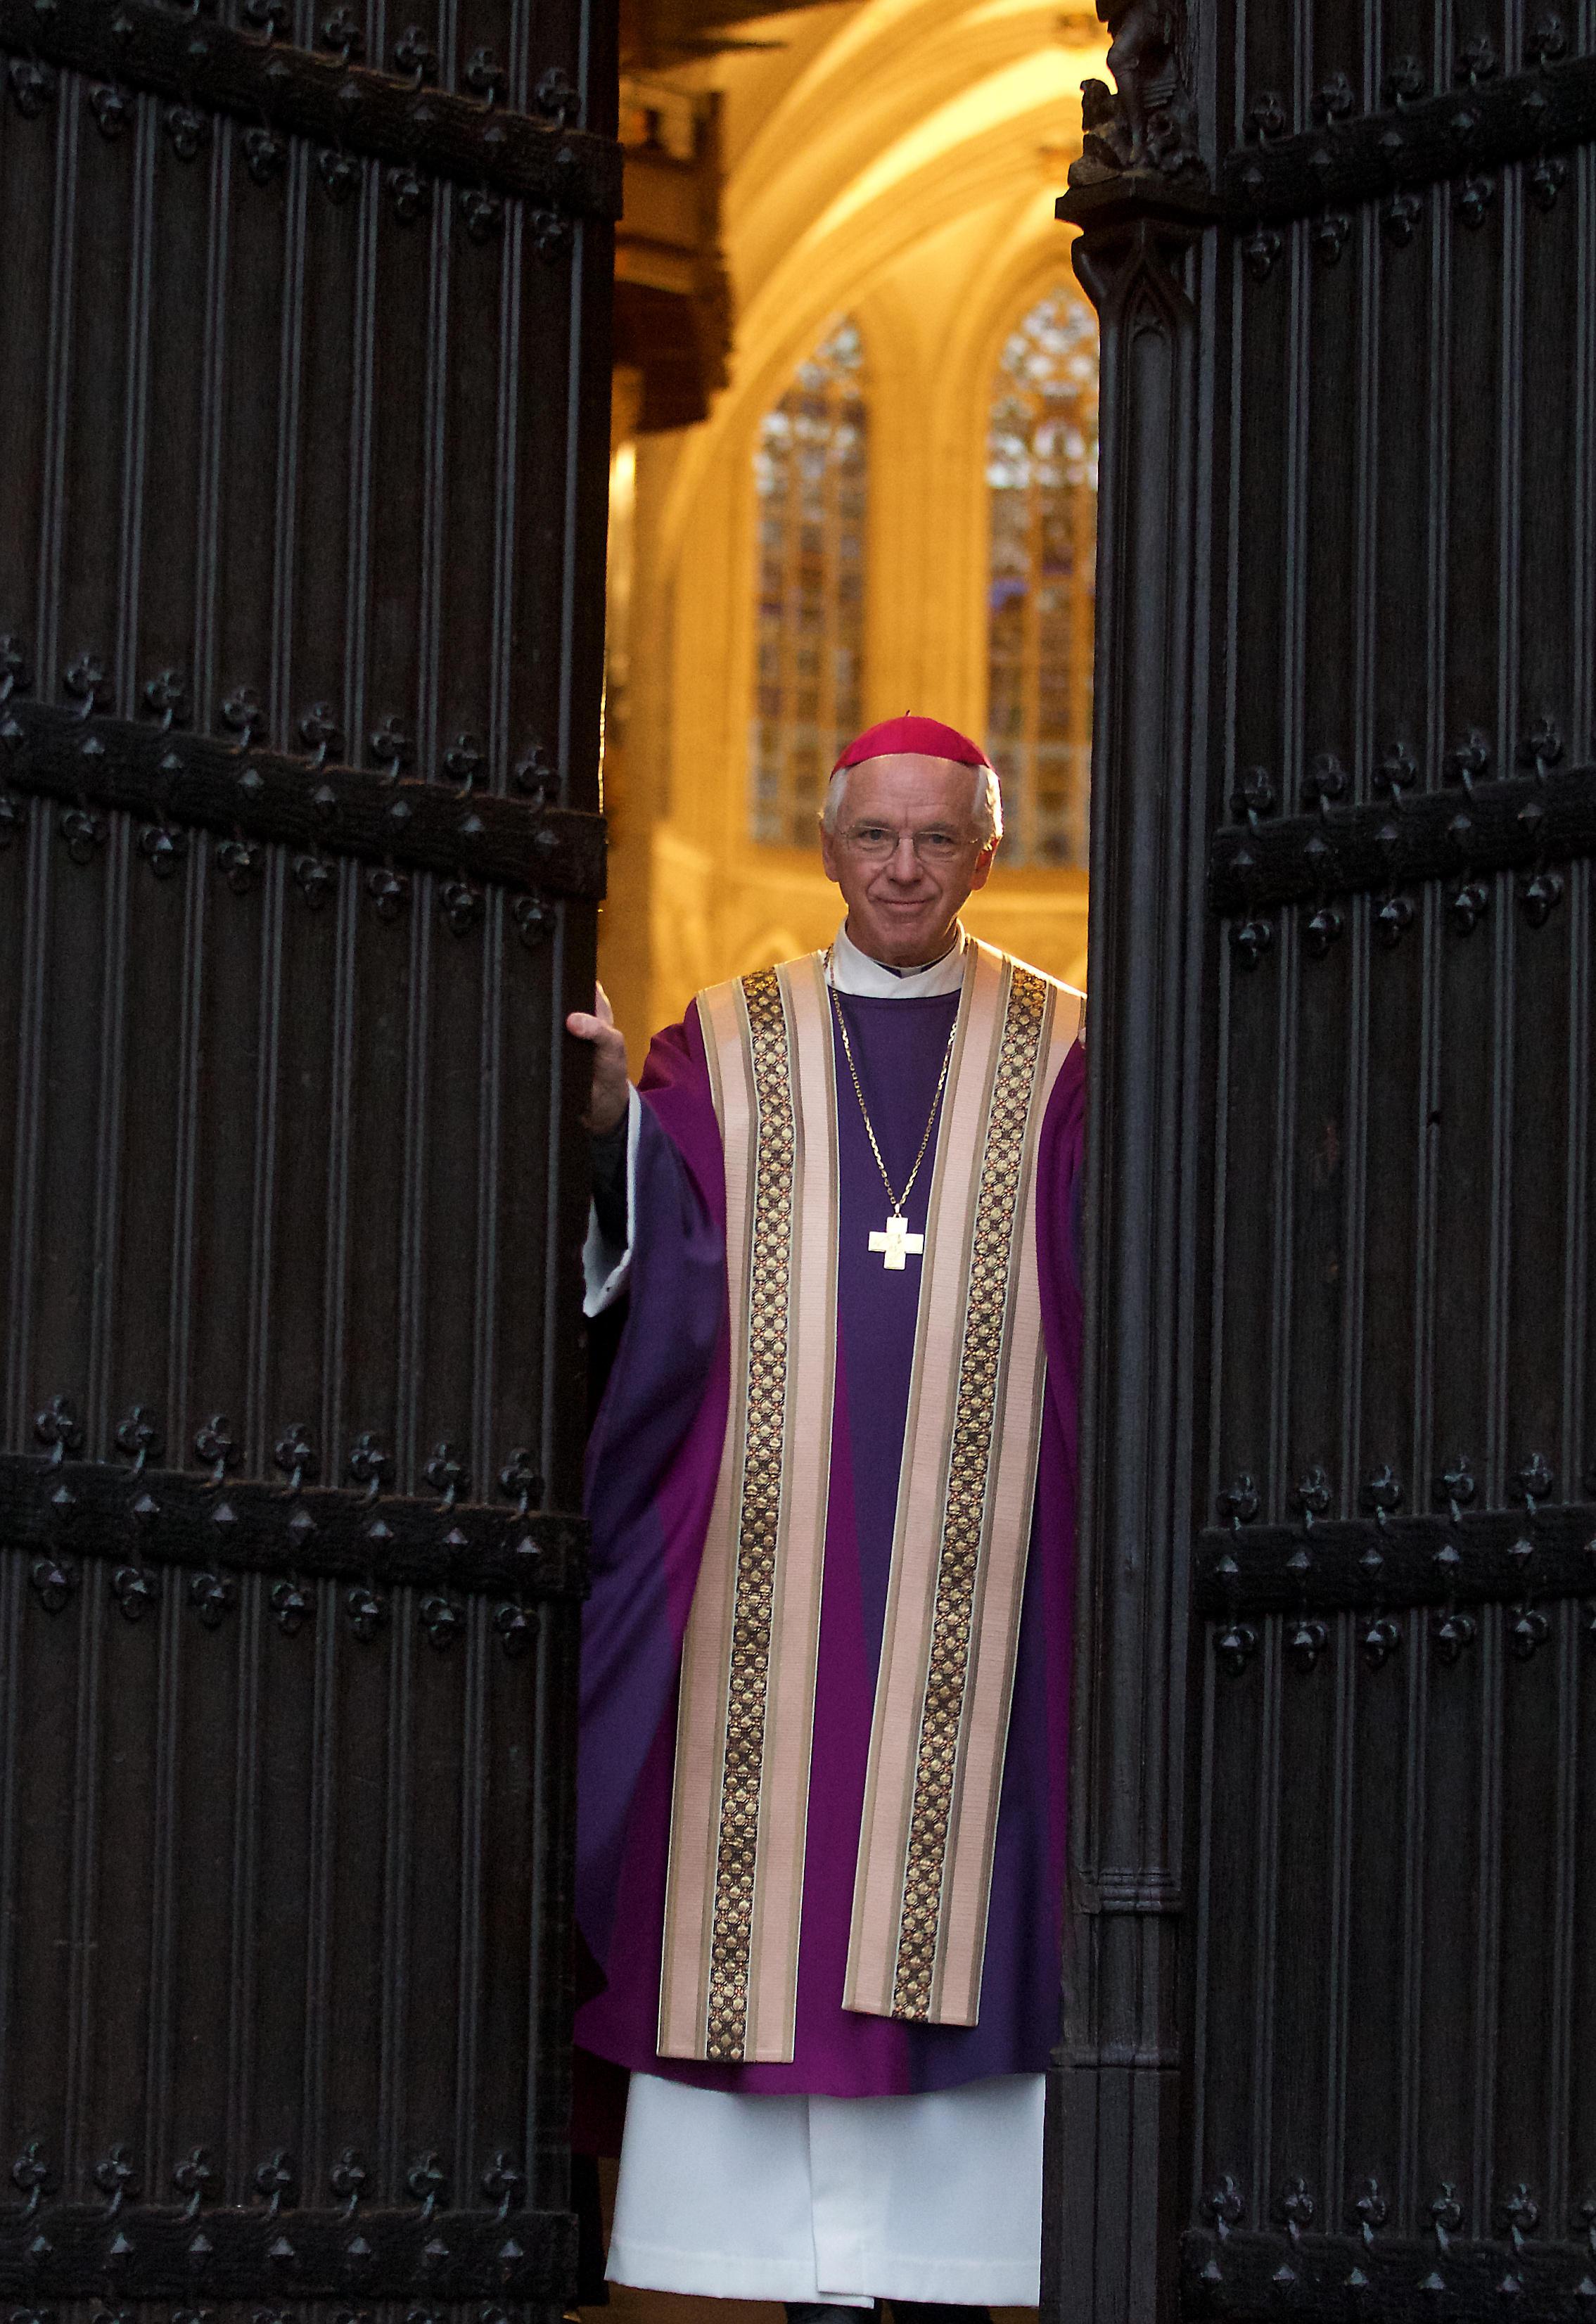 """Aartsbisschop De Kesel: """"Wij hebben geleerd uit de pedofiliezaken uit het verleden. Ik ben zeer alert geworden. Als ik ook maar iets hoor in die richting, gaan alle rode lichten branden."""" (foto belga)"""